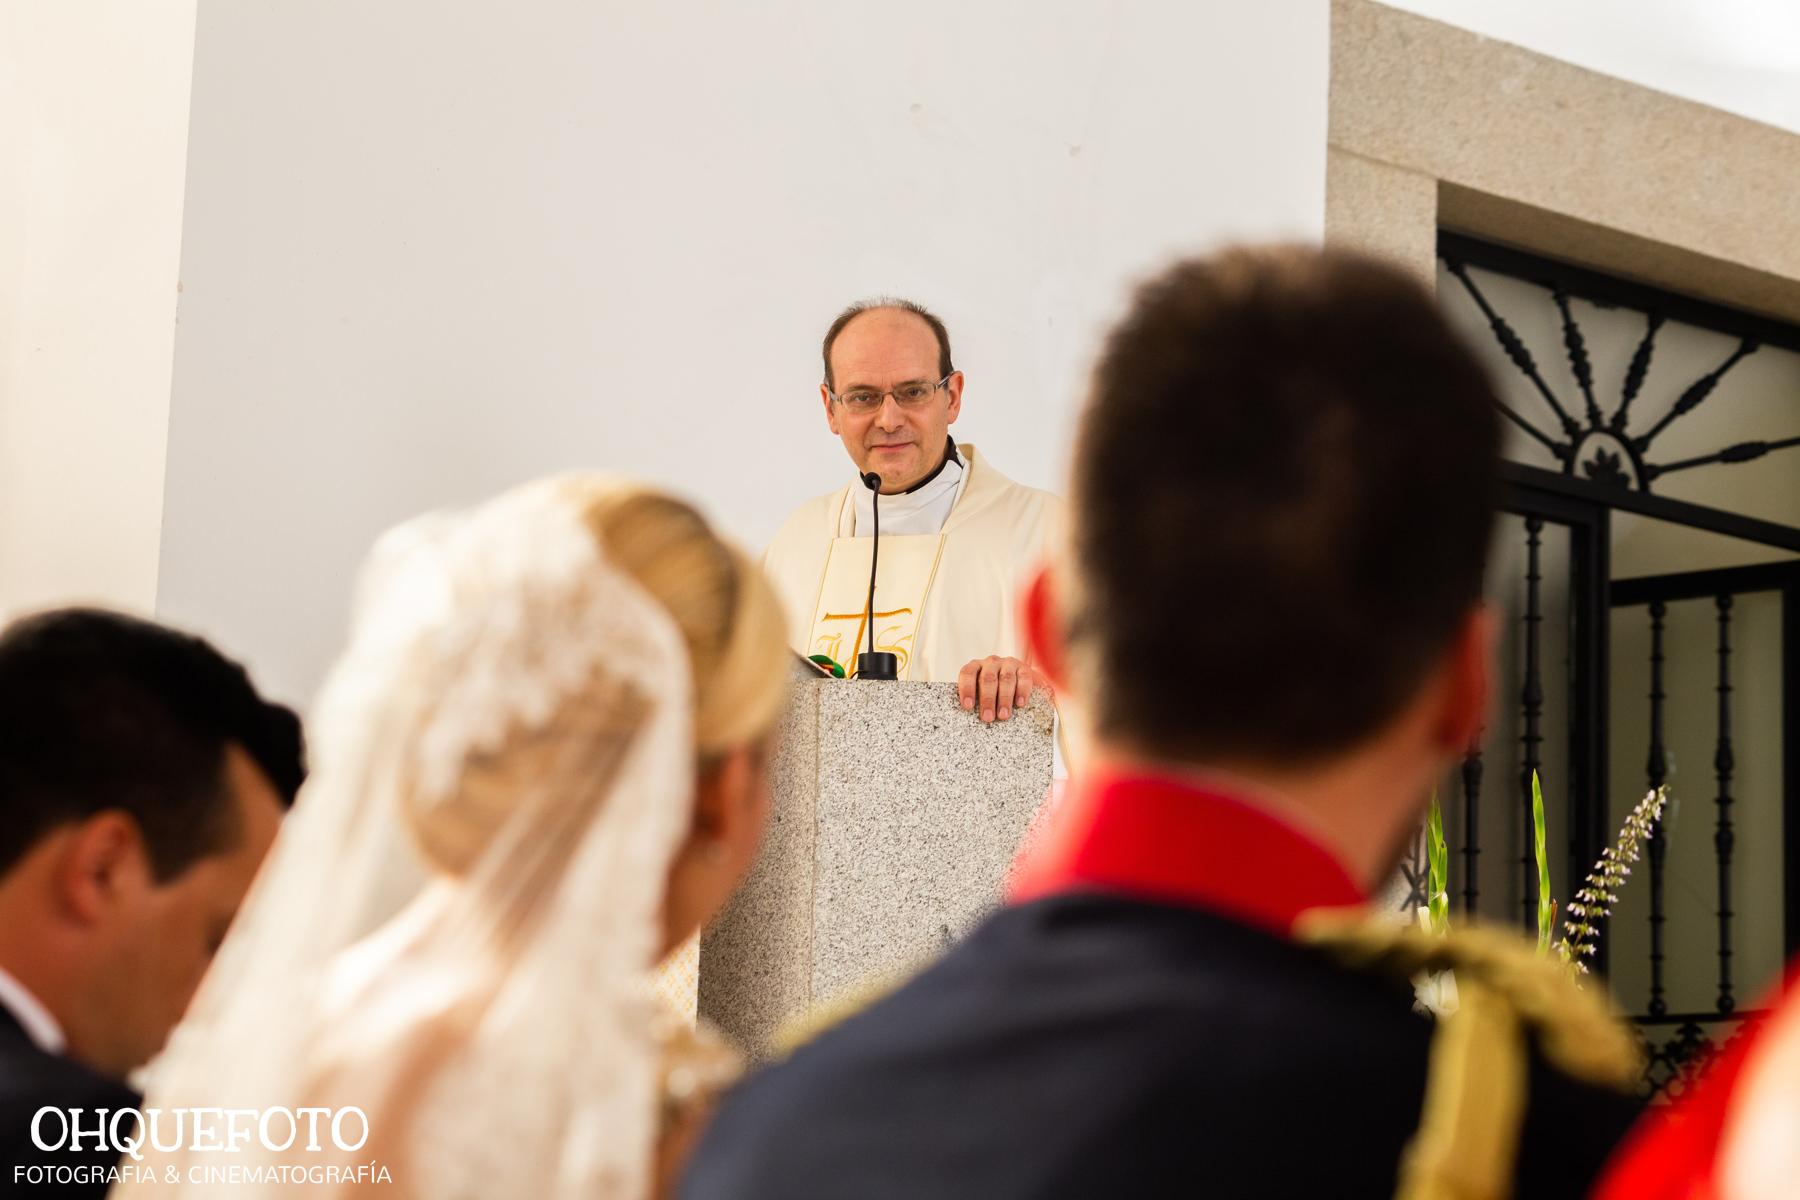 boda en la peraleda boda en cabeza del buey boda en capilla reportaje de bodas en almaden video de bodas en cordoba452 - Jose y Gema - Boda en Zarza Capilla y la Finca La Peraleda (Chillón)